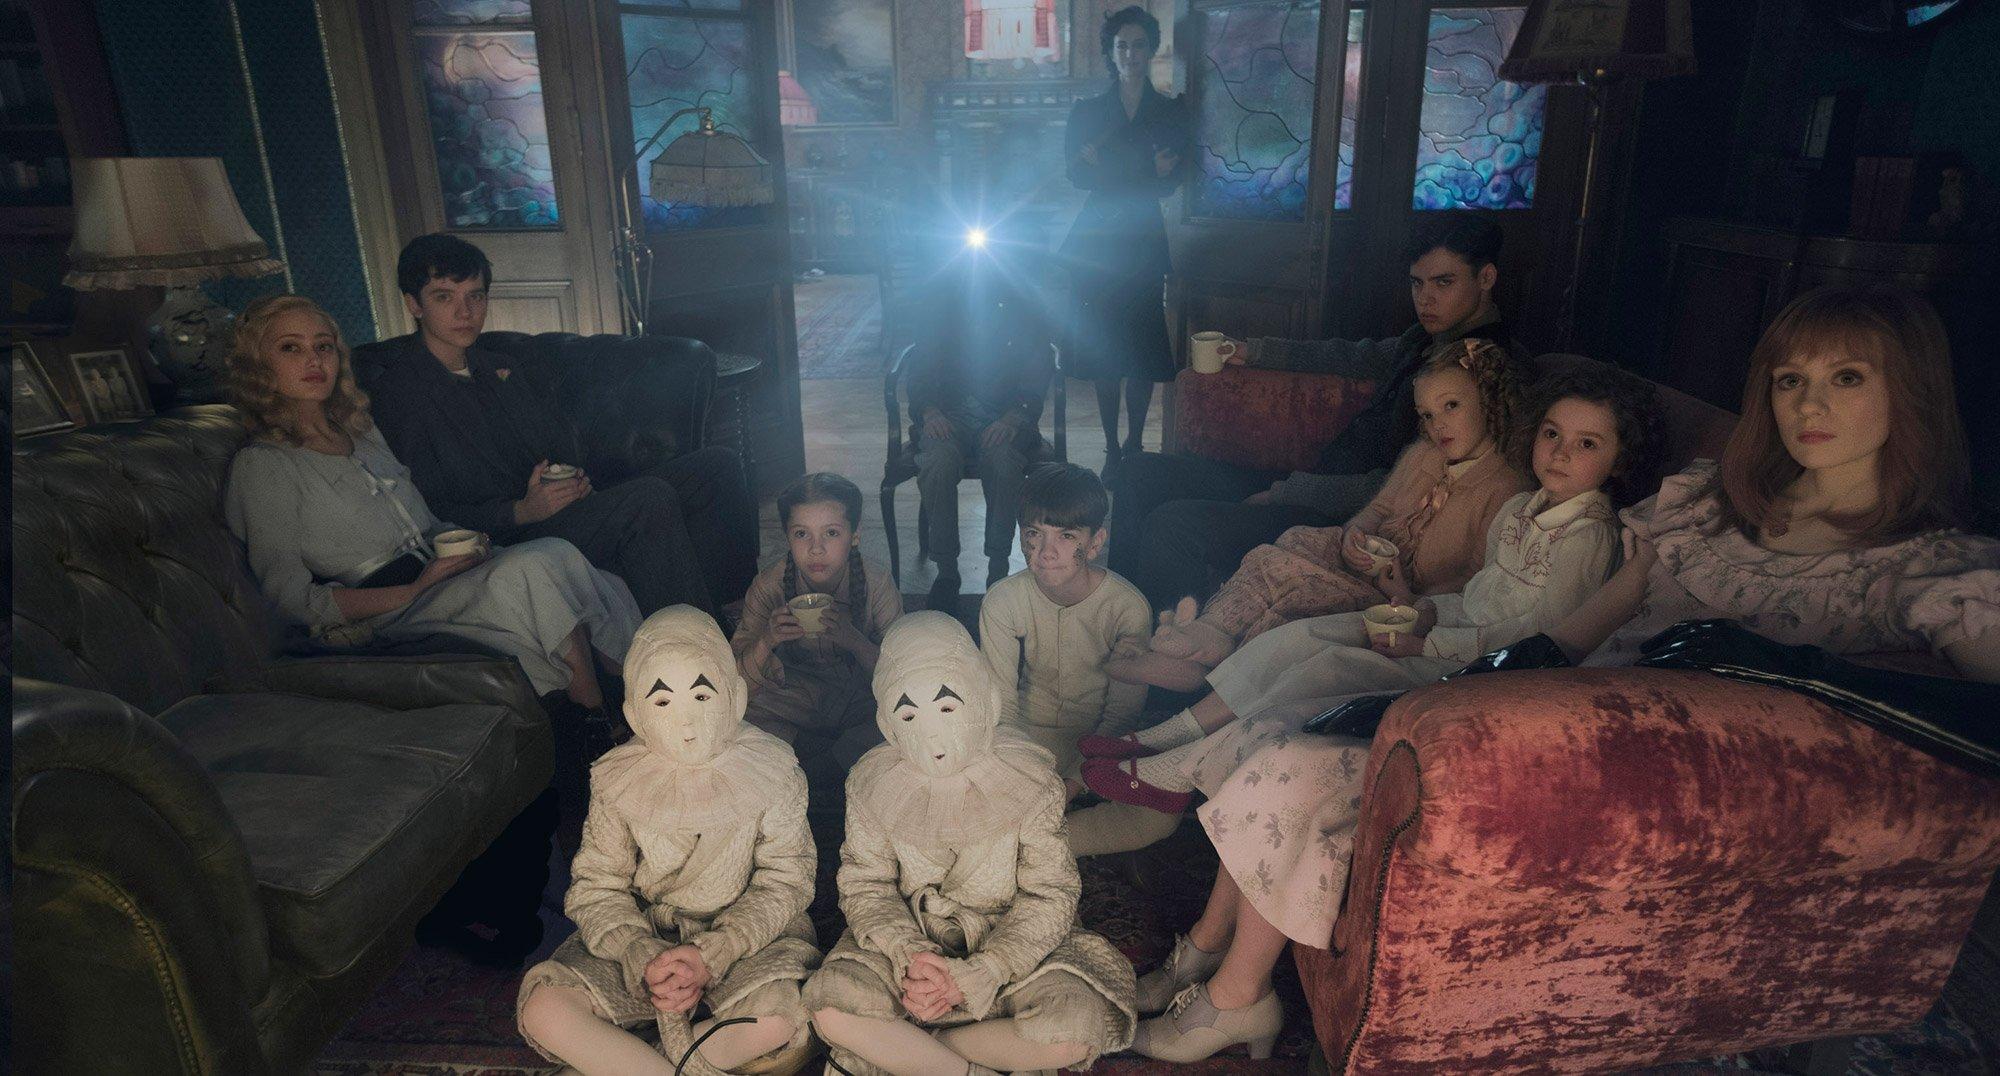 дом странных детей тим бертон кино режиссер книга роман экранизация рецензия фильм отзыв мнение отвратительные мужики